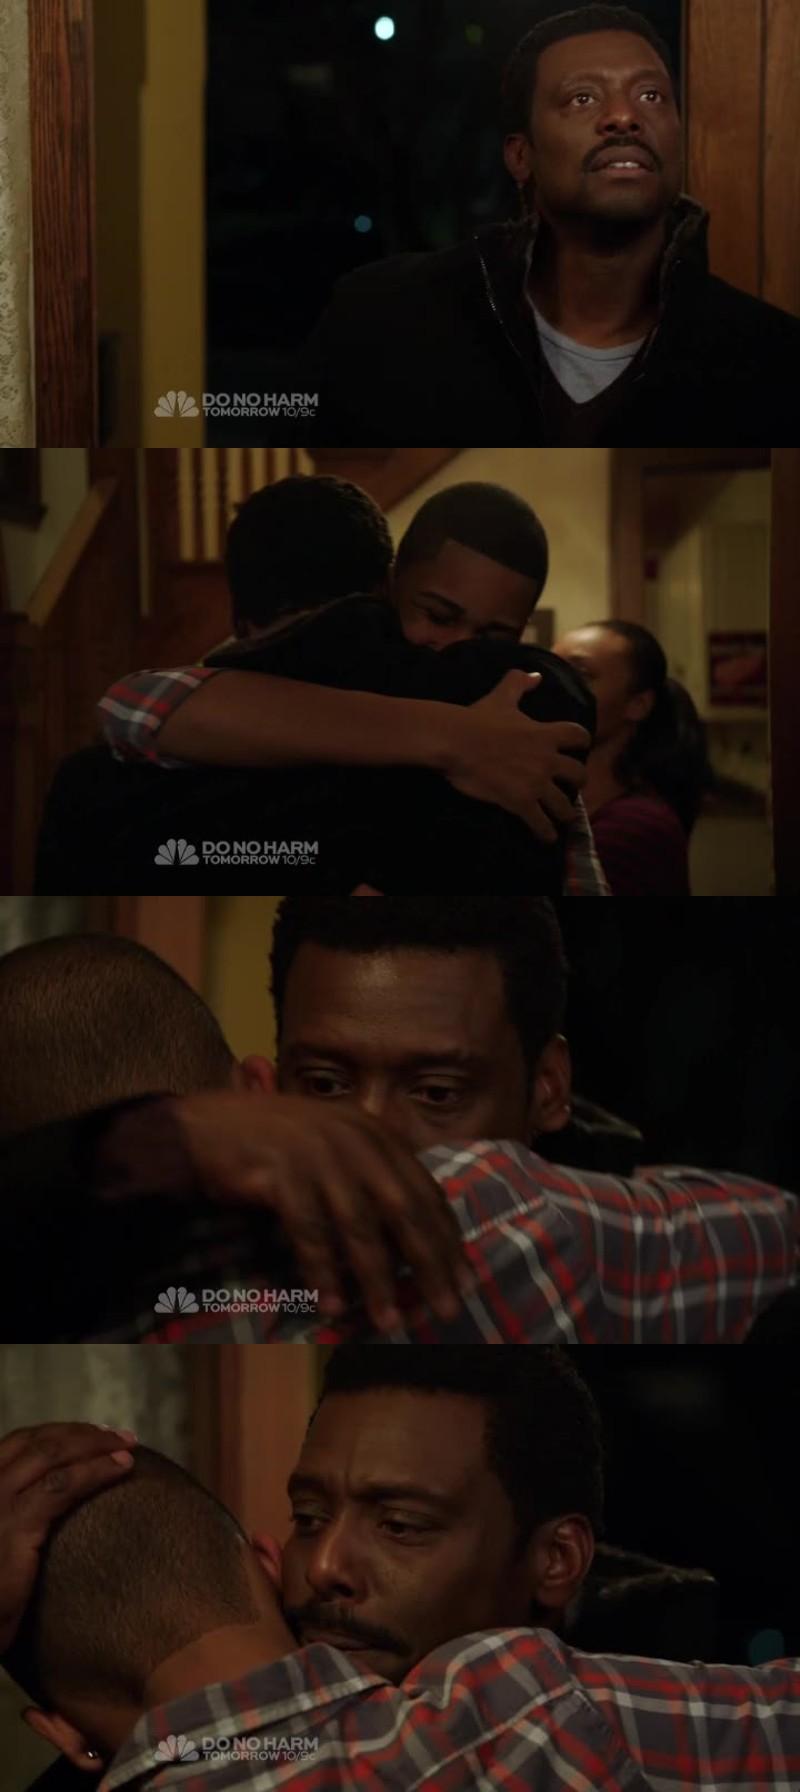 ❤ C'était tellement touchant cette séquence !!